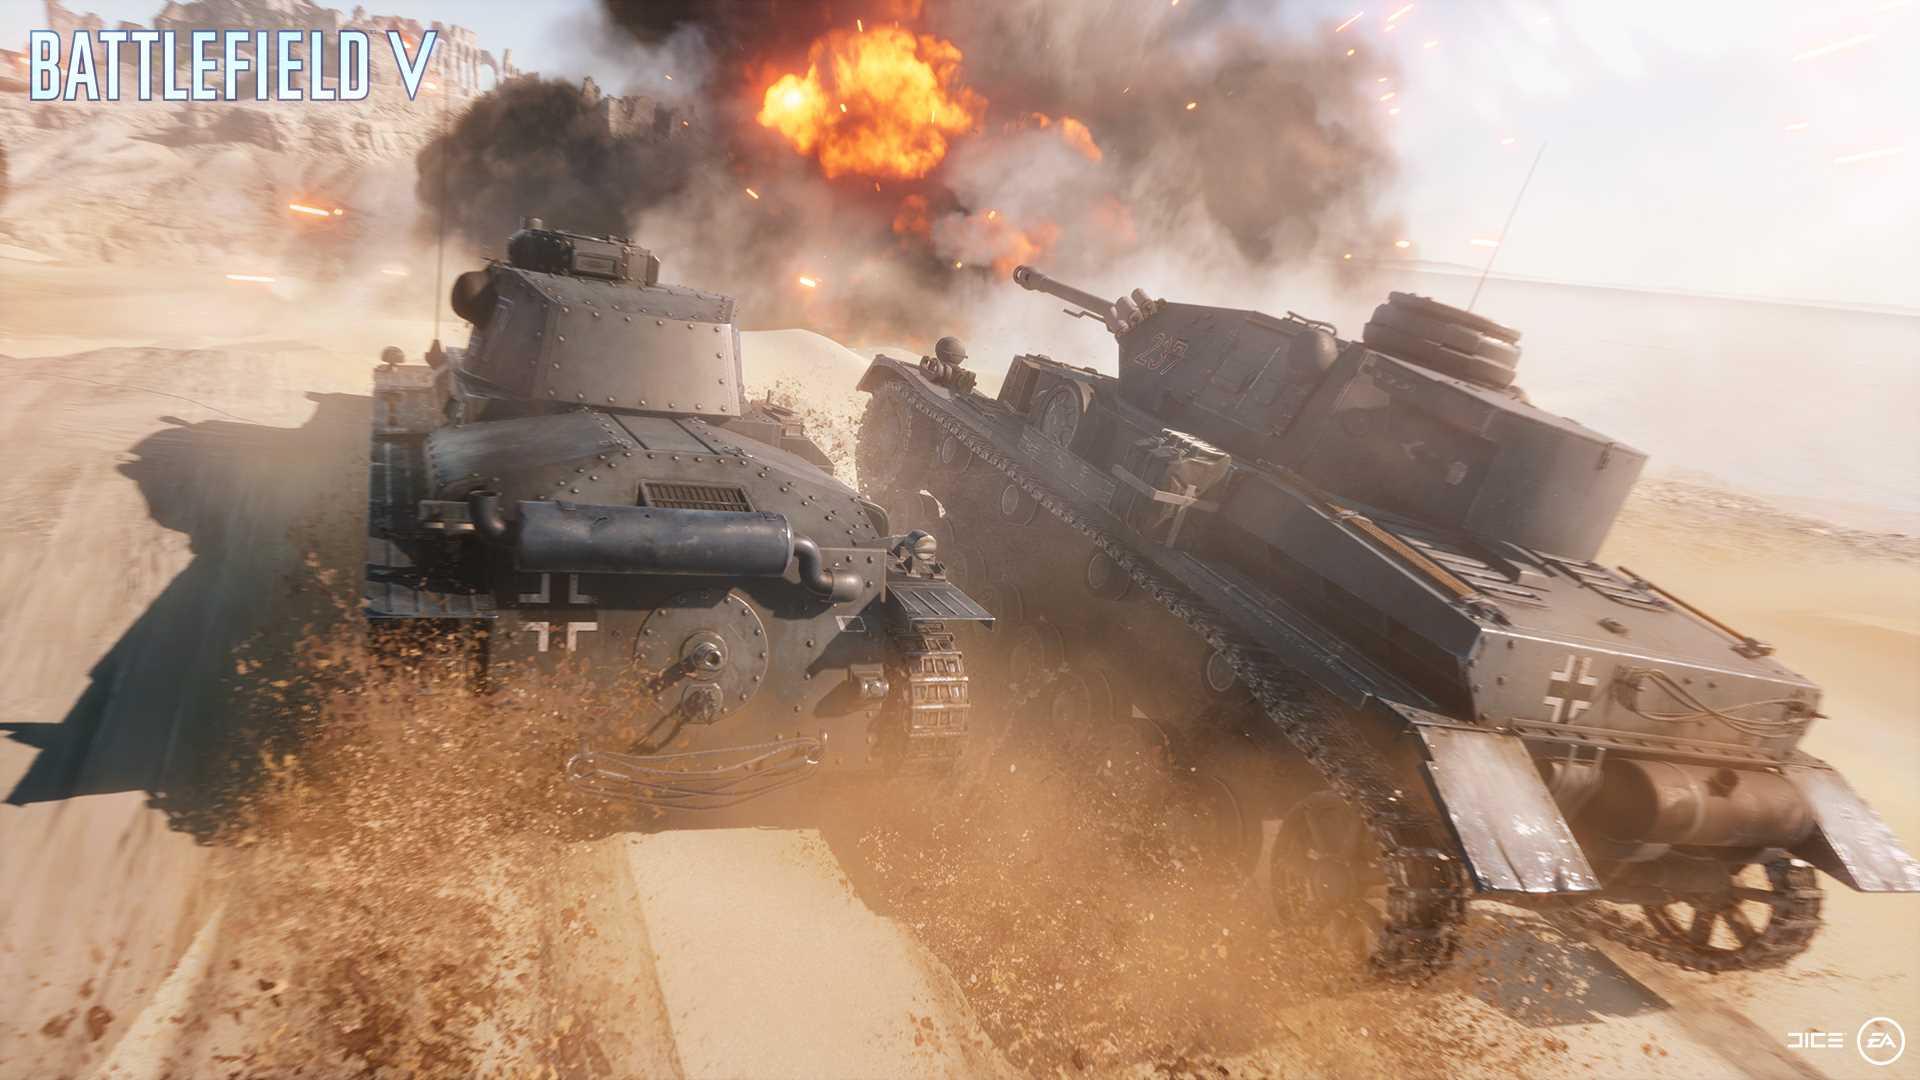 На иллюстрации изображена сцена из игры Battlefield V: лёгкий и средний немецкий танки едут по пескам Северной Африки